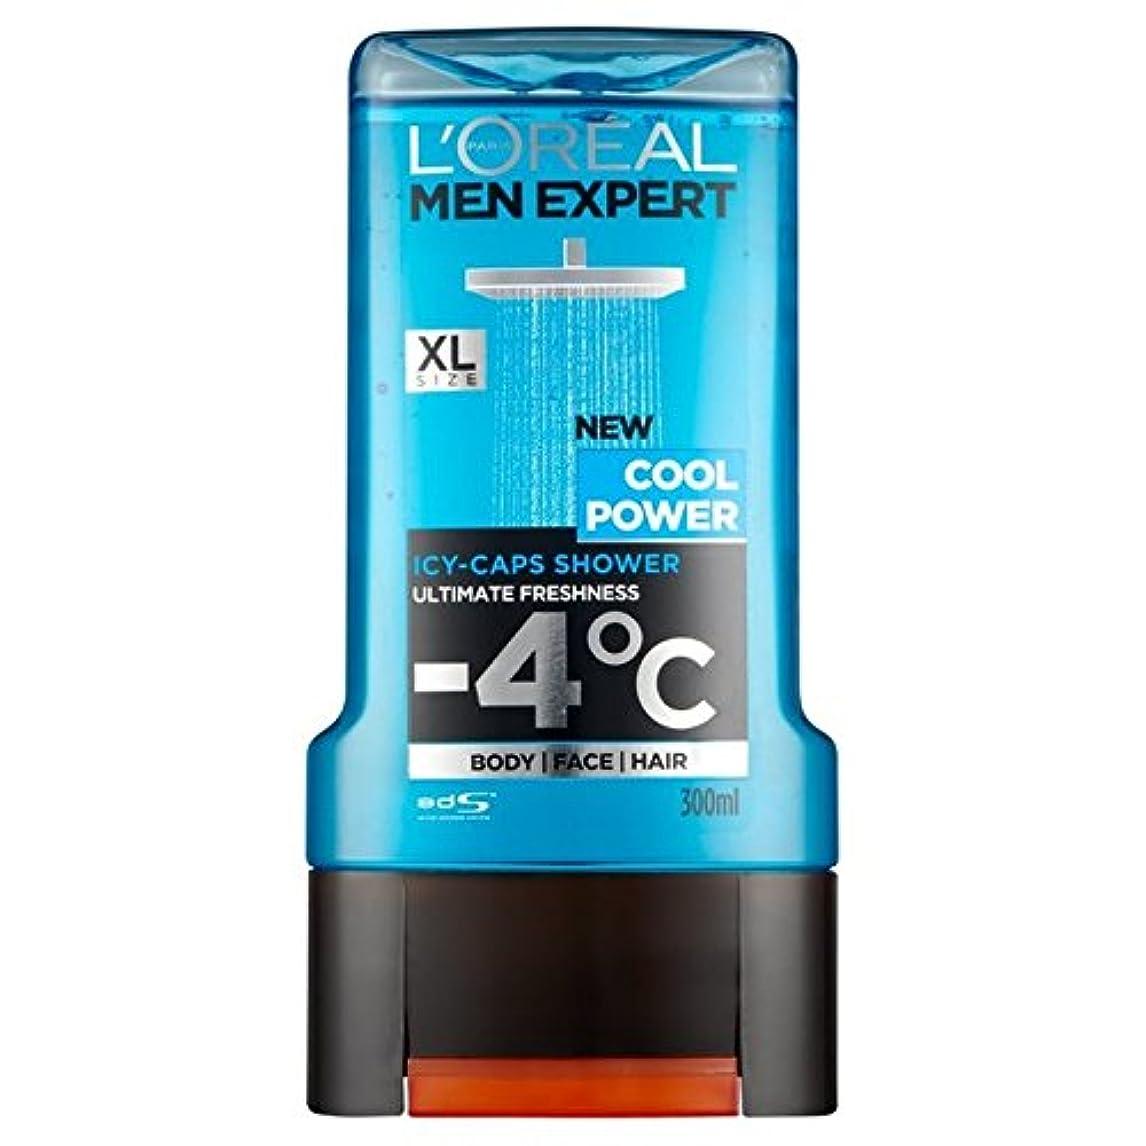 マウントバンククロニクル満足L'Oreal Paris Men Expert Cool Power Shower Gel 300ml - ロレアルパリの男性の専門家のクールなパワーシャワージェル300ミリリットル [並行輸入品]